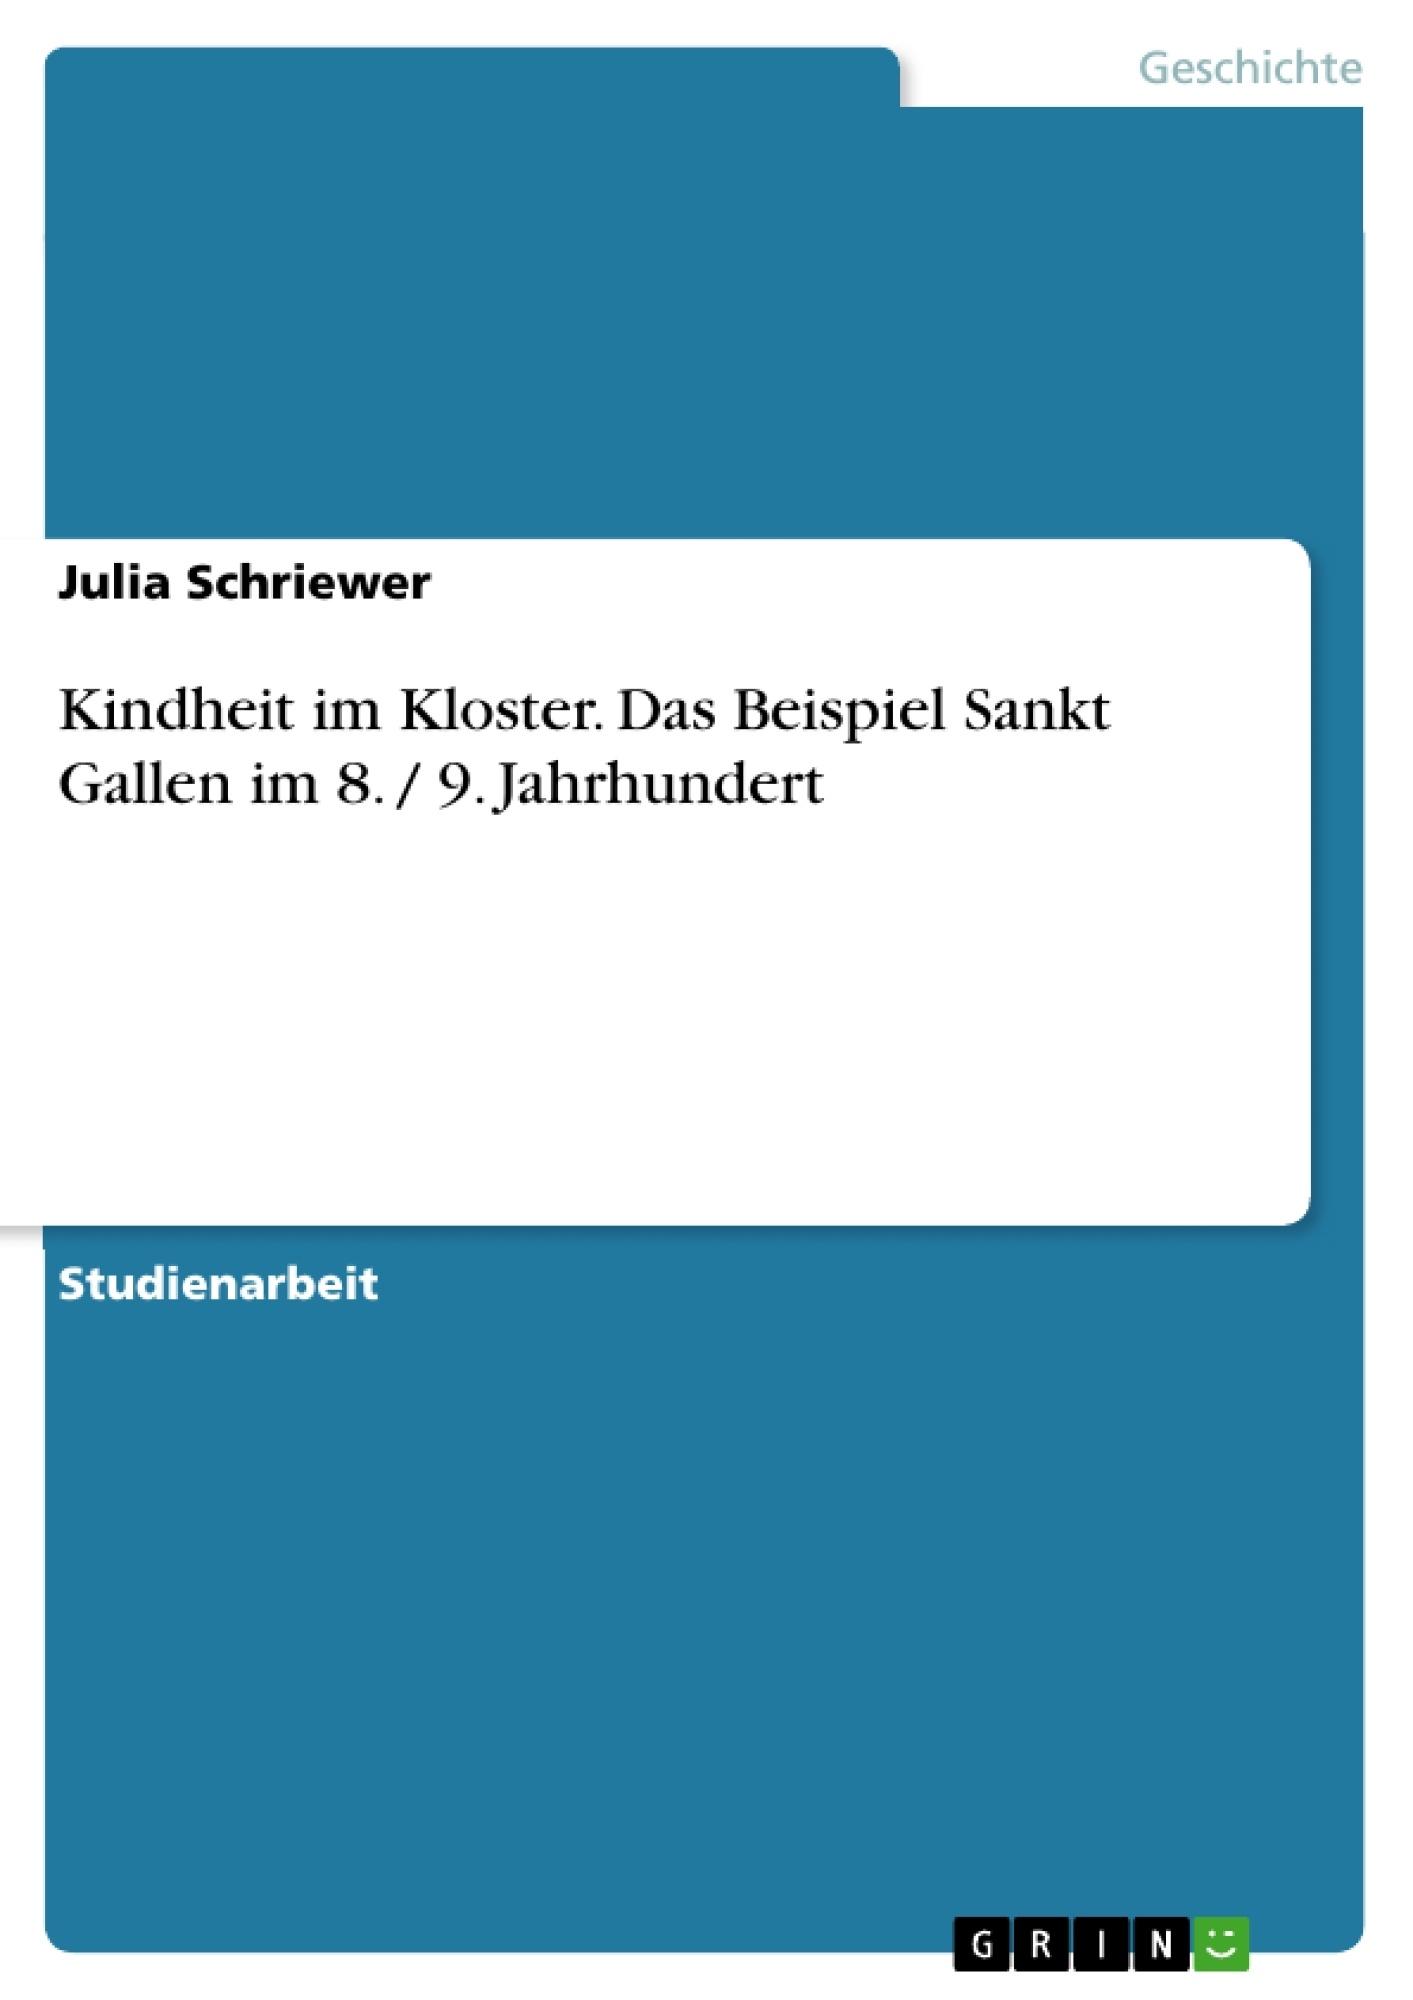 Titel: Kindheit im Kloster. Das Beispiel Sankt Gallen  im 8. / 9. Jahrhundert